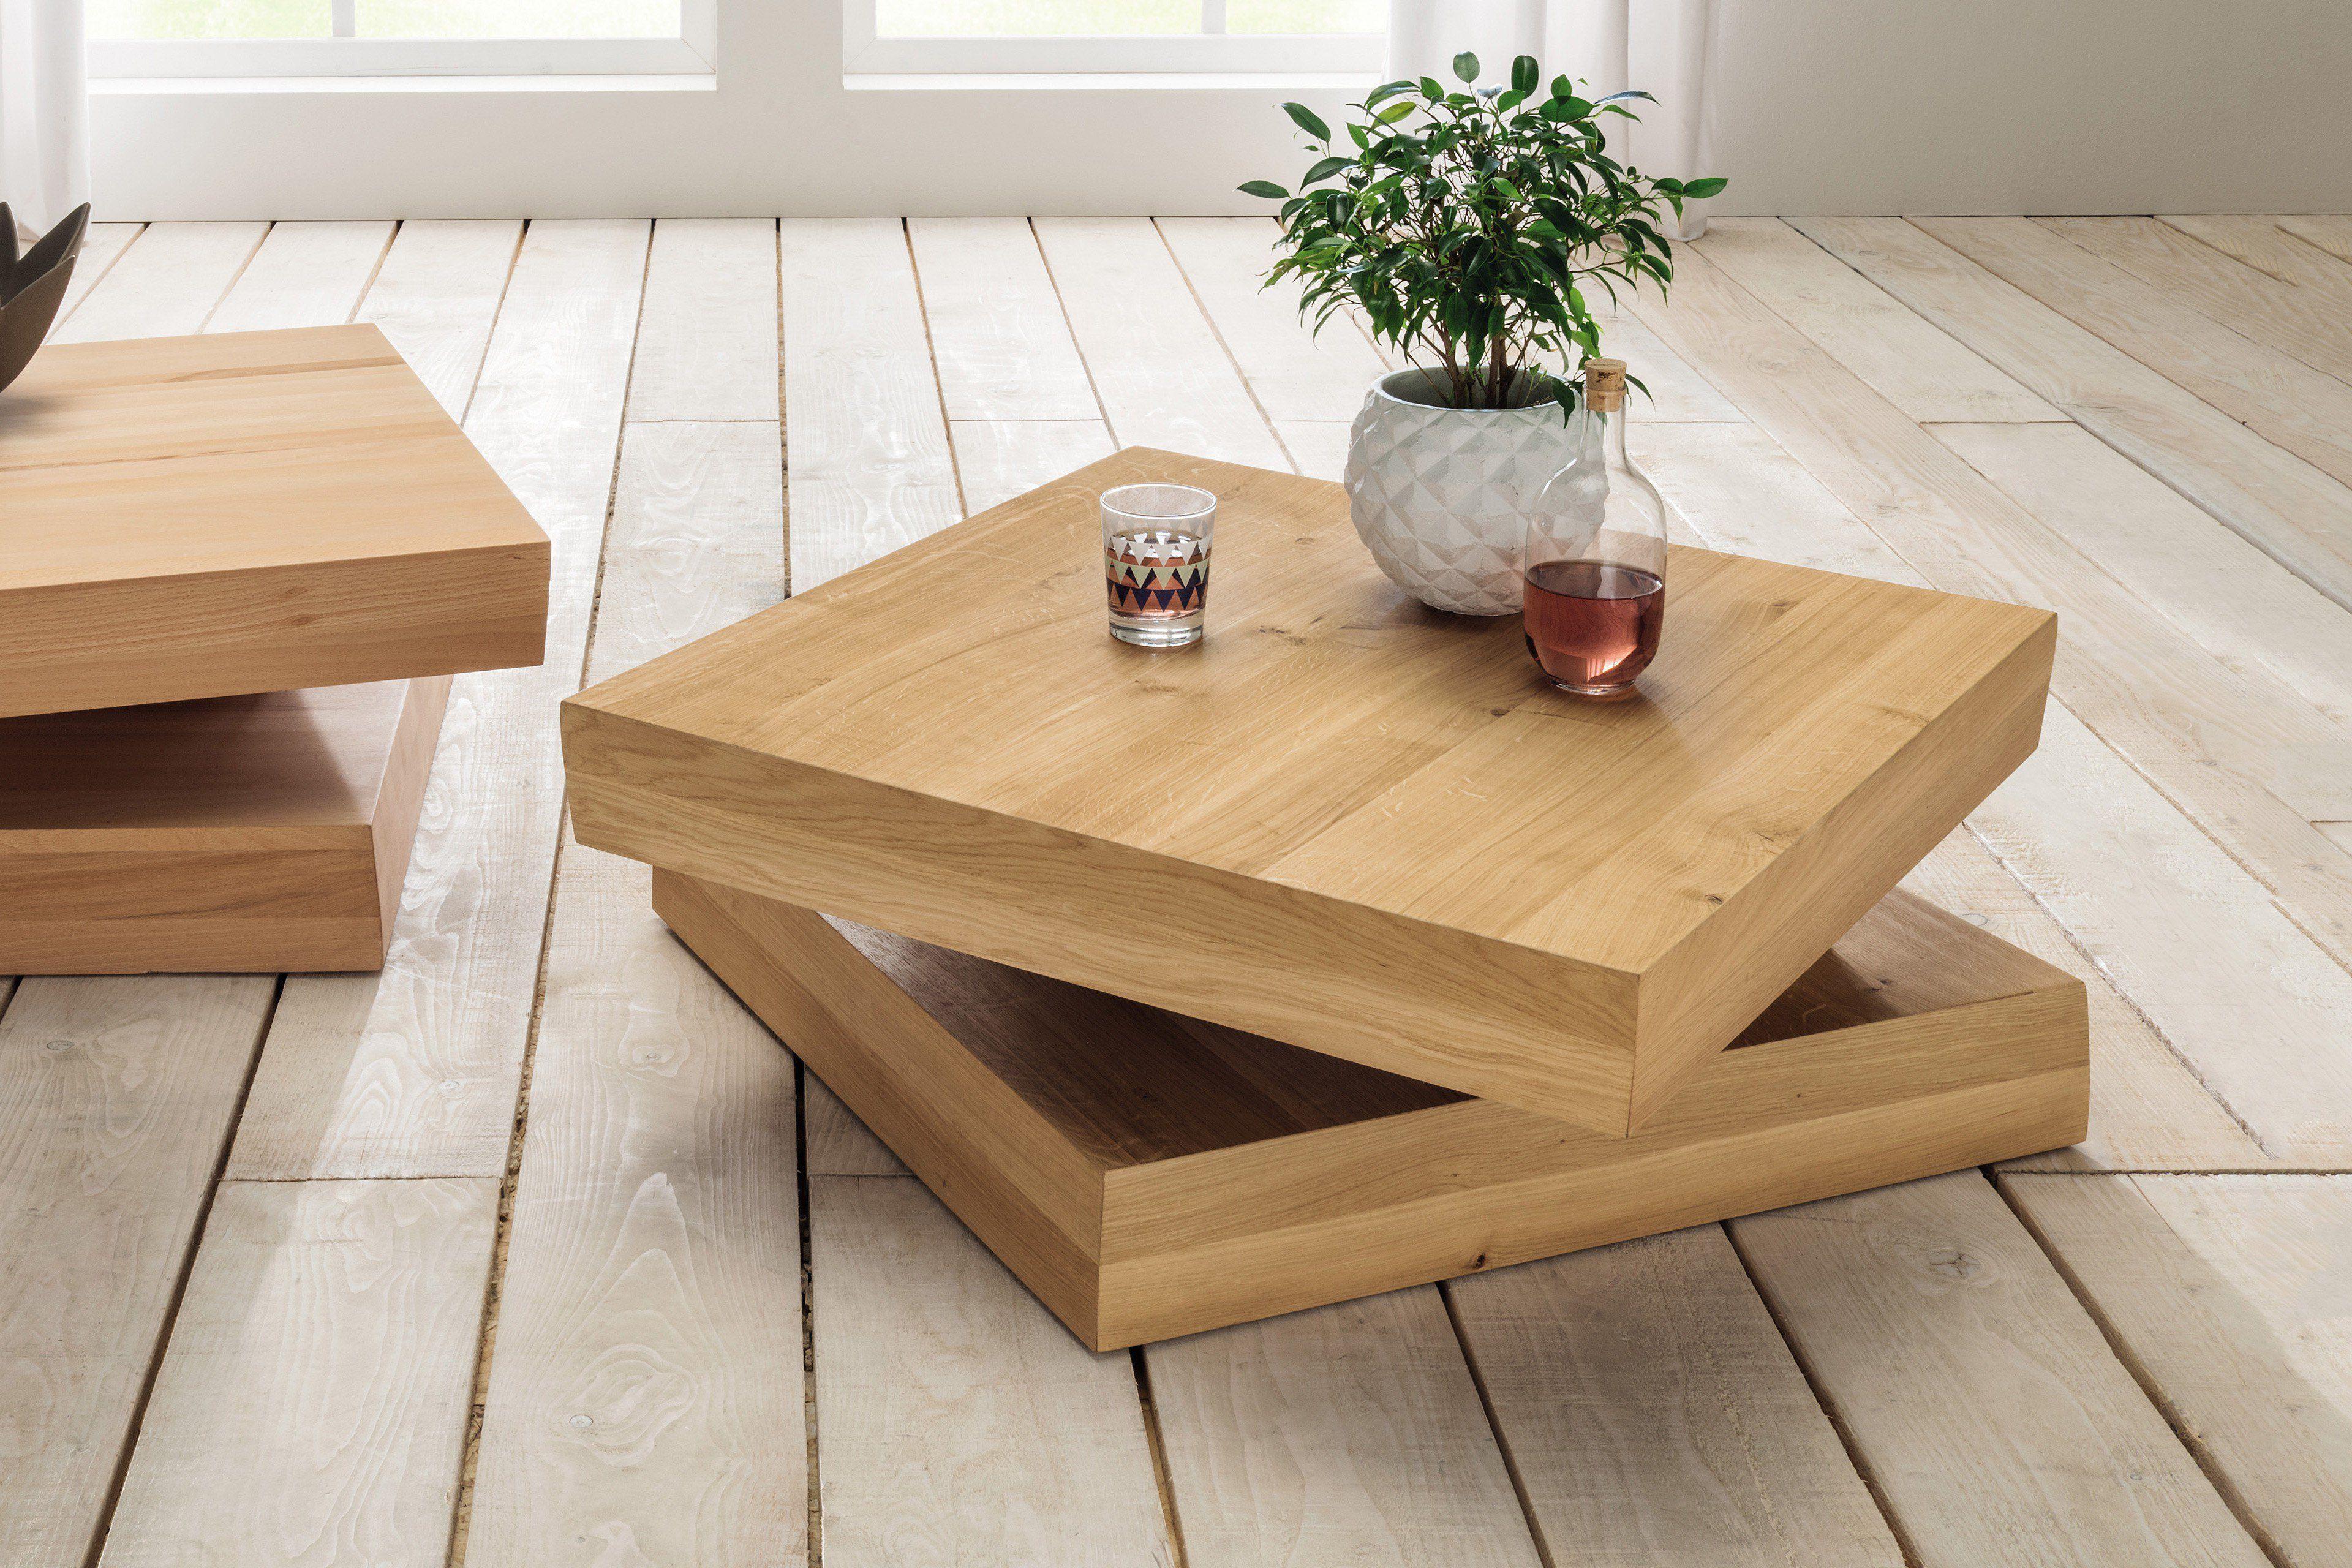 fridolin von pure natur couchtisch aus wildeiche massiv. Black Bedroom Furniture Sets. Home Design Ideas